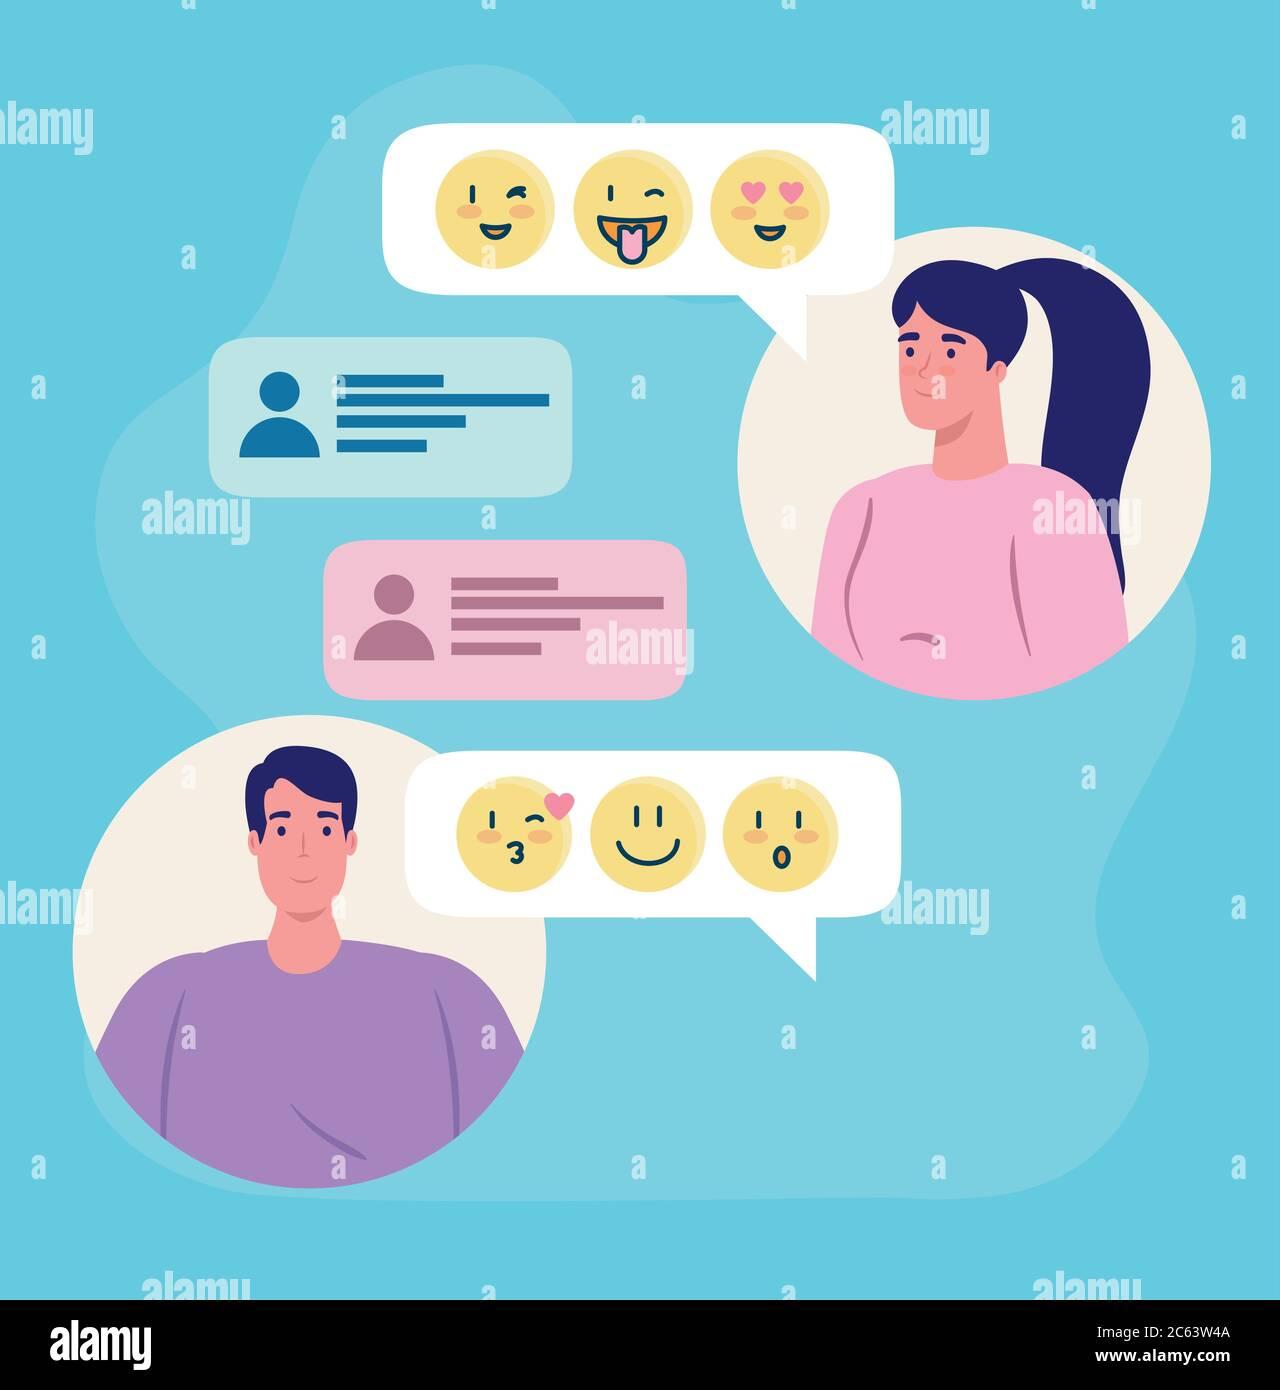 application de service de rencontres en ligne, chat de femme et d'homme avec emojis, personnes modernes à la recherche de couple, médias sociaux, relation virtuelle Illustration de Vecteur